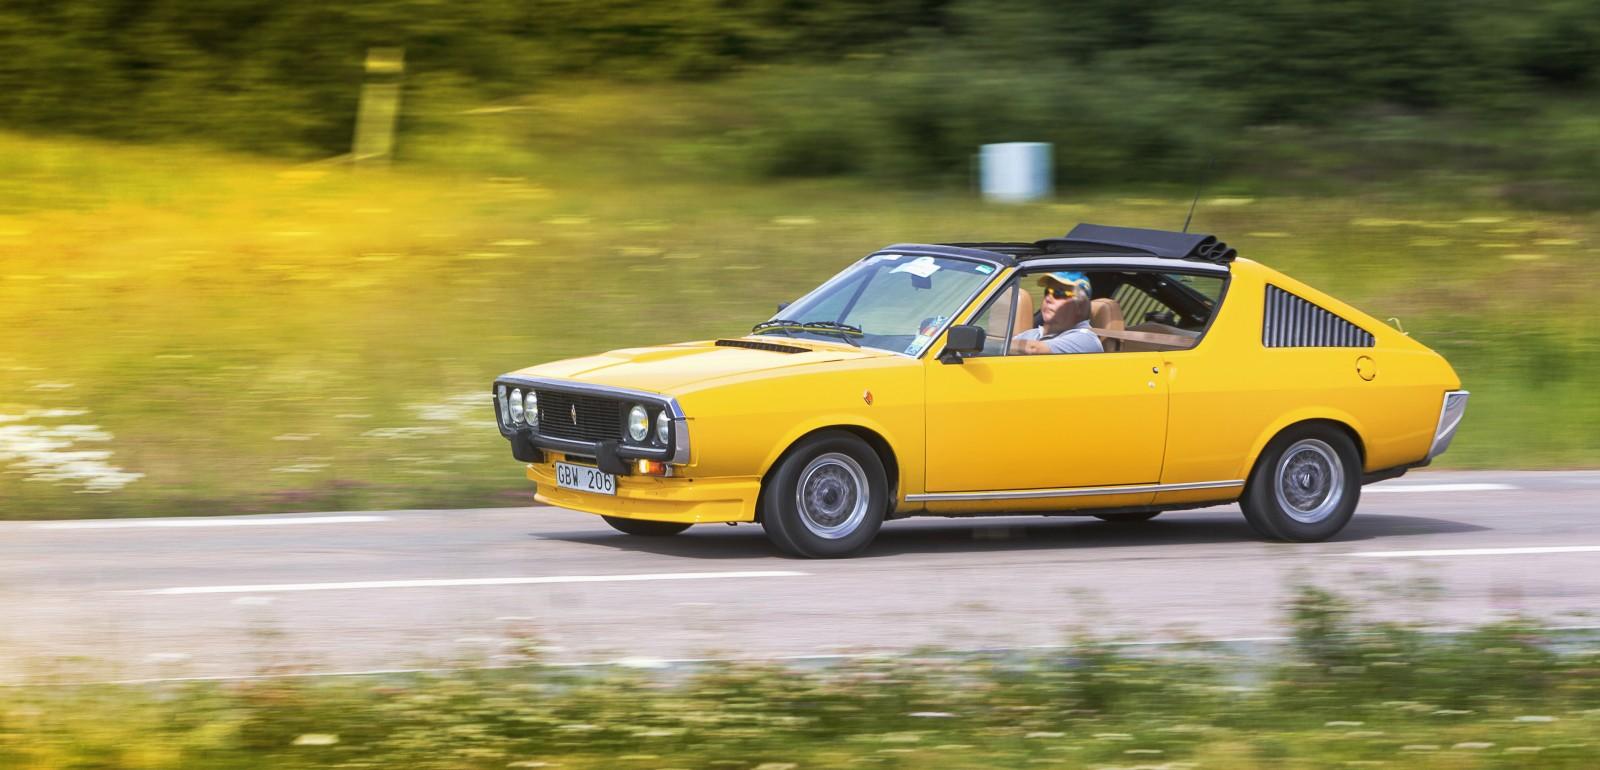 Han har kört 94 000 mil med sin Renault!